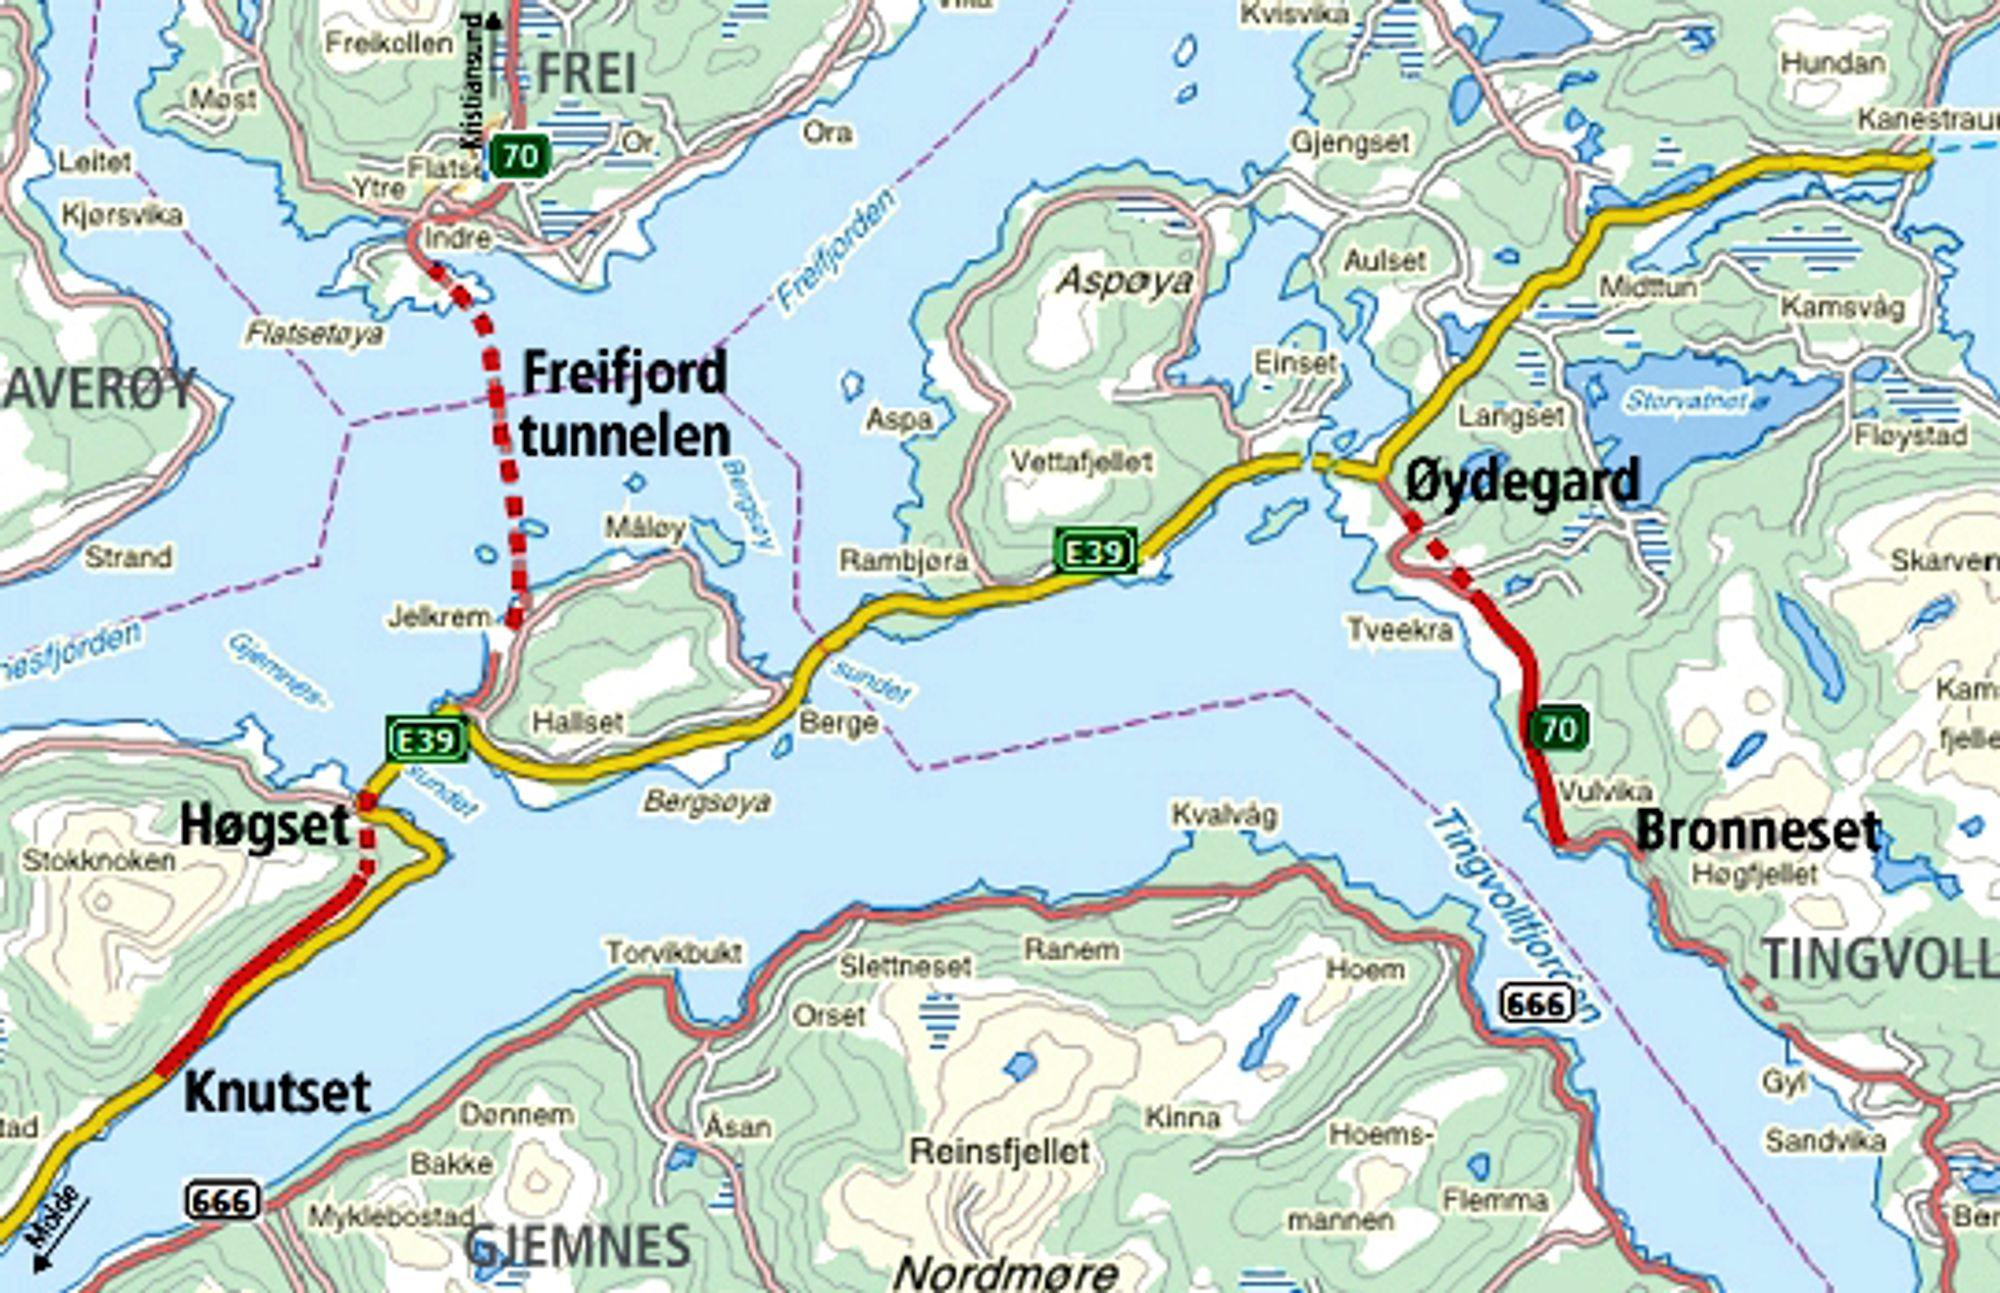 De to tunnelene som sannsynligvis blir drevet av et arbeidsfellesskap mellom Betonmast og Mika, er markert med røde stiplete linjer like ved navnene Høgset og Øydegard.